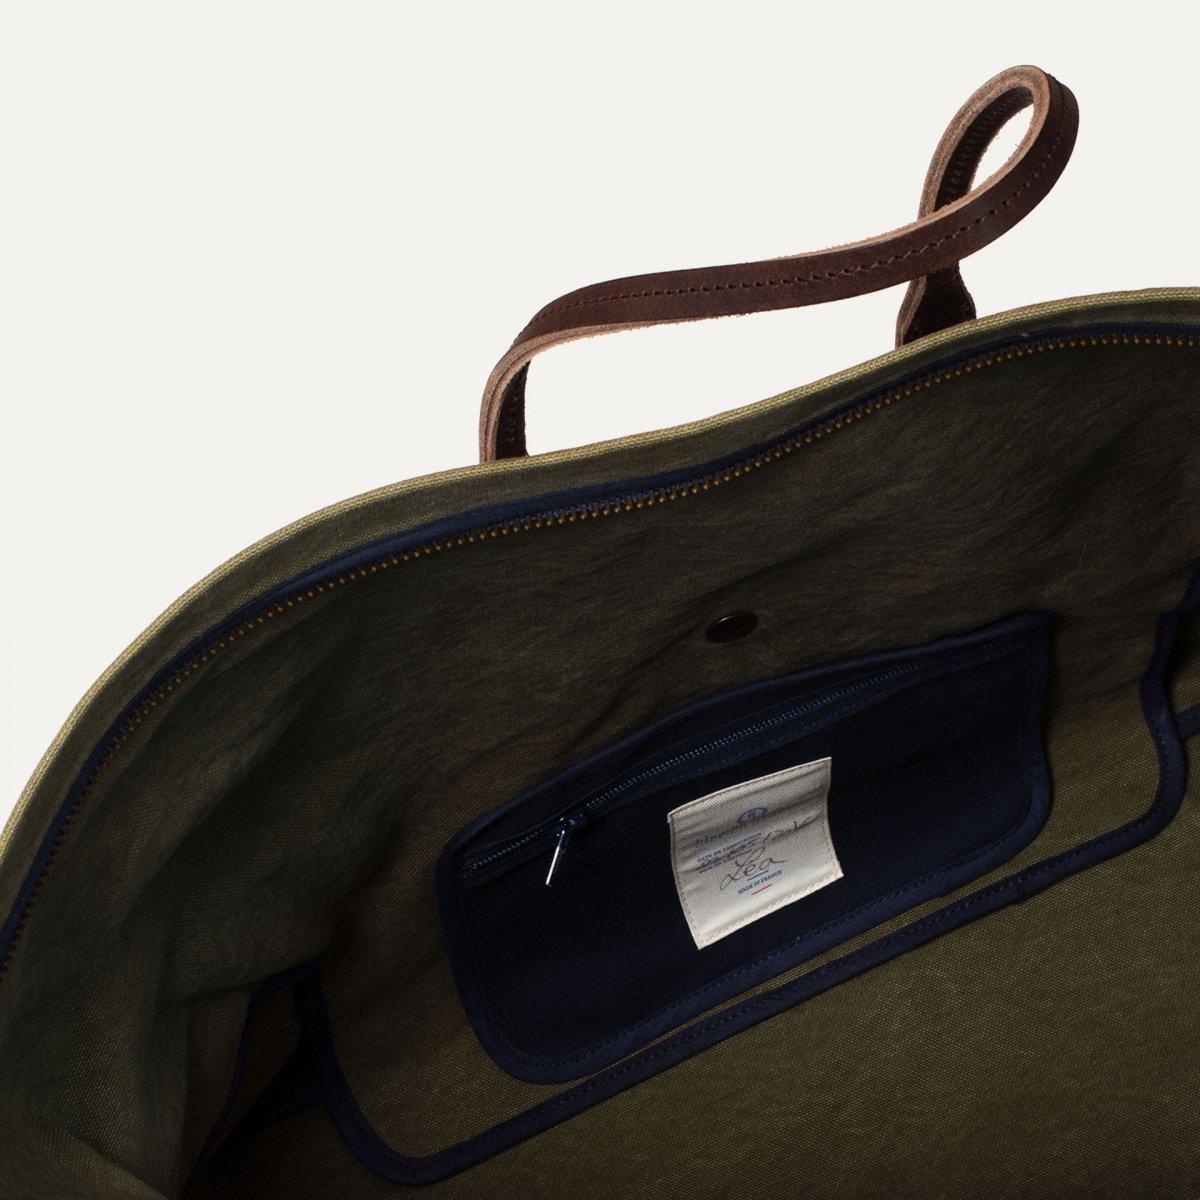 Cabine Travel bag  - Dark Khaki (image n°5)